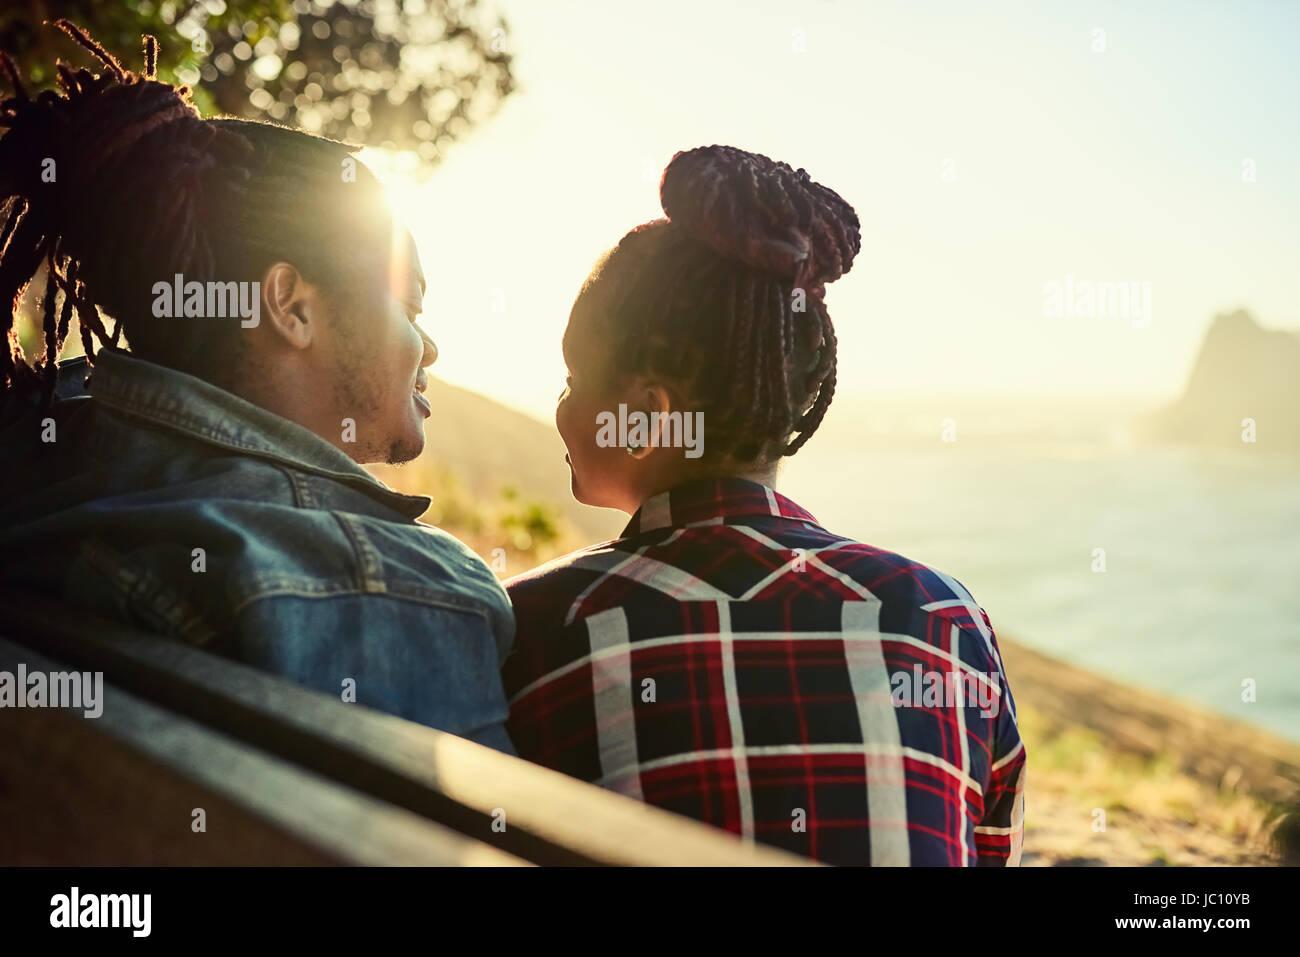 Paar afrikanischer Abstammung, die sitzen auf einer Bank der öffentlichen Sicht Stockbild